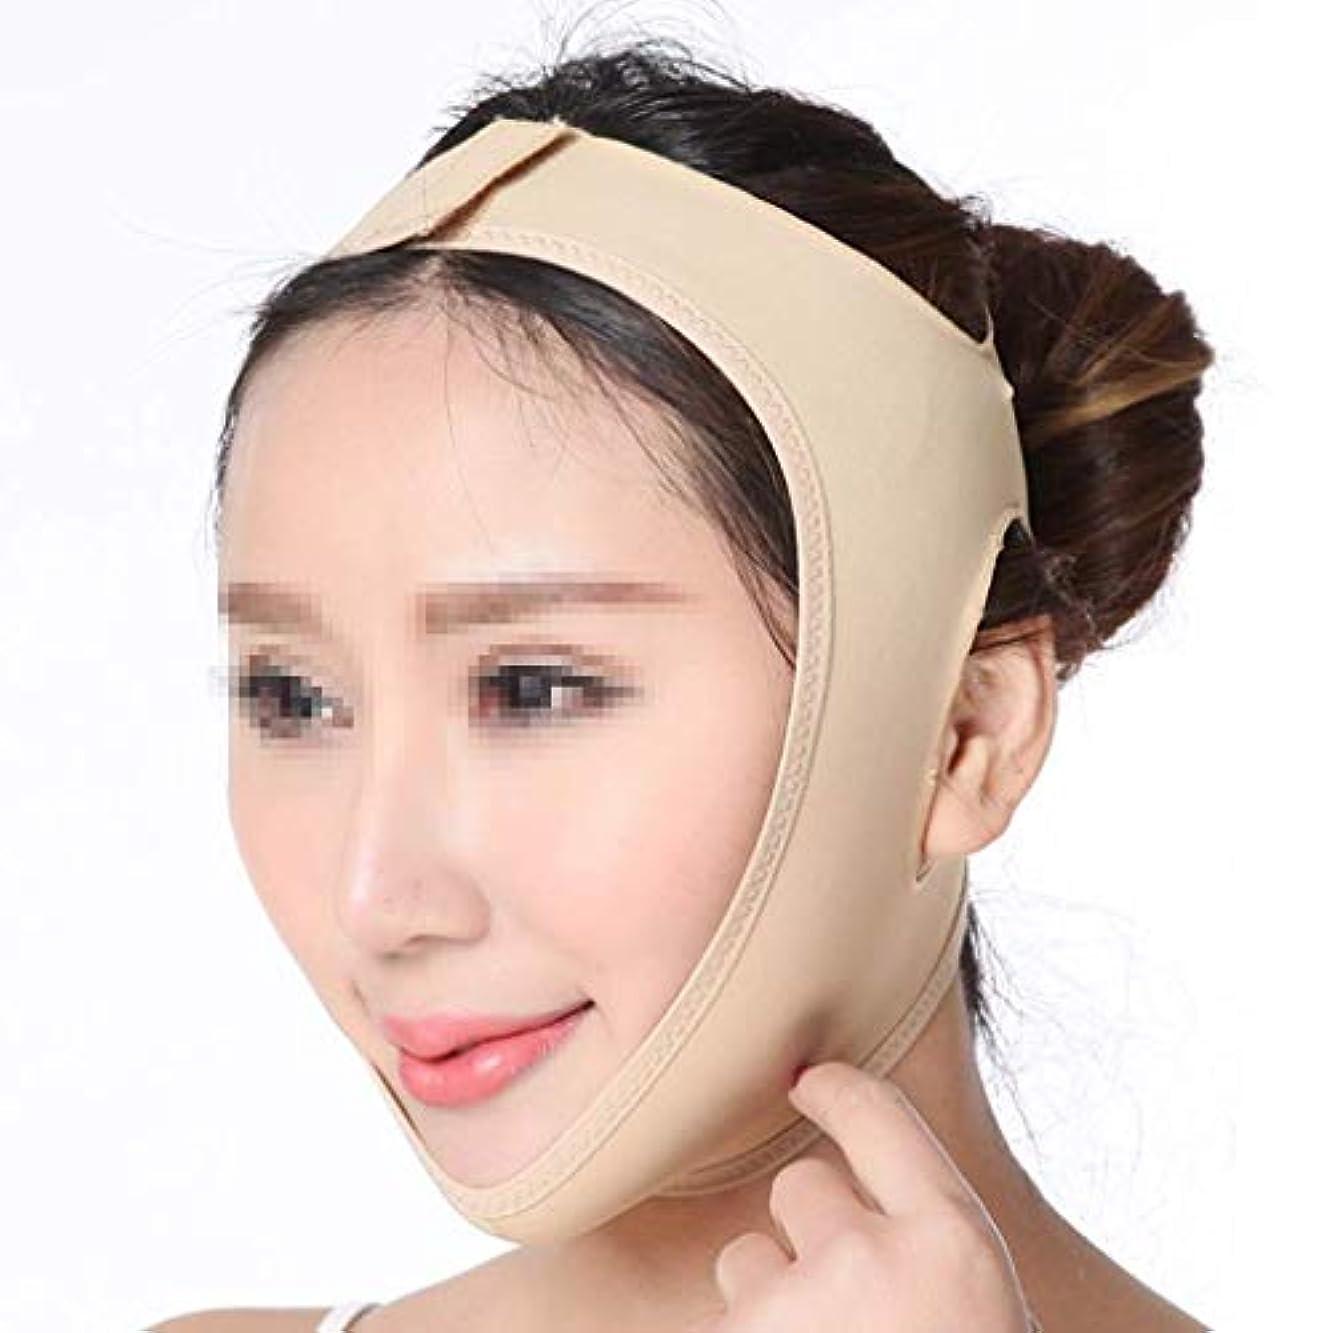 声を出して唇ネイティブビューティーマスク、回復後のラインカービングダブルチンフェイスリフトアーティファクトフェイススモールVフェイスインストゥルメントバンデージリフティングケアヘッドギア(サイズ:M)